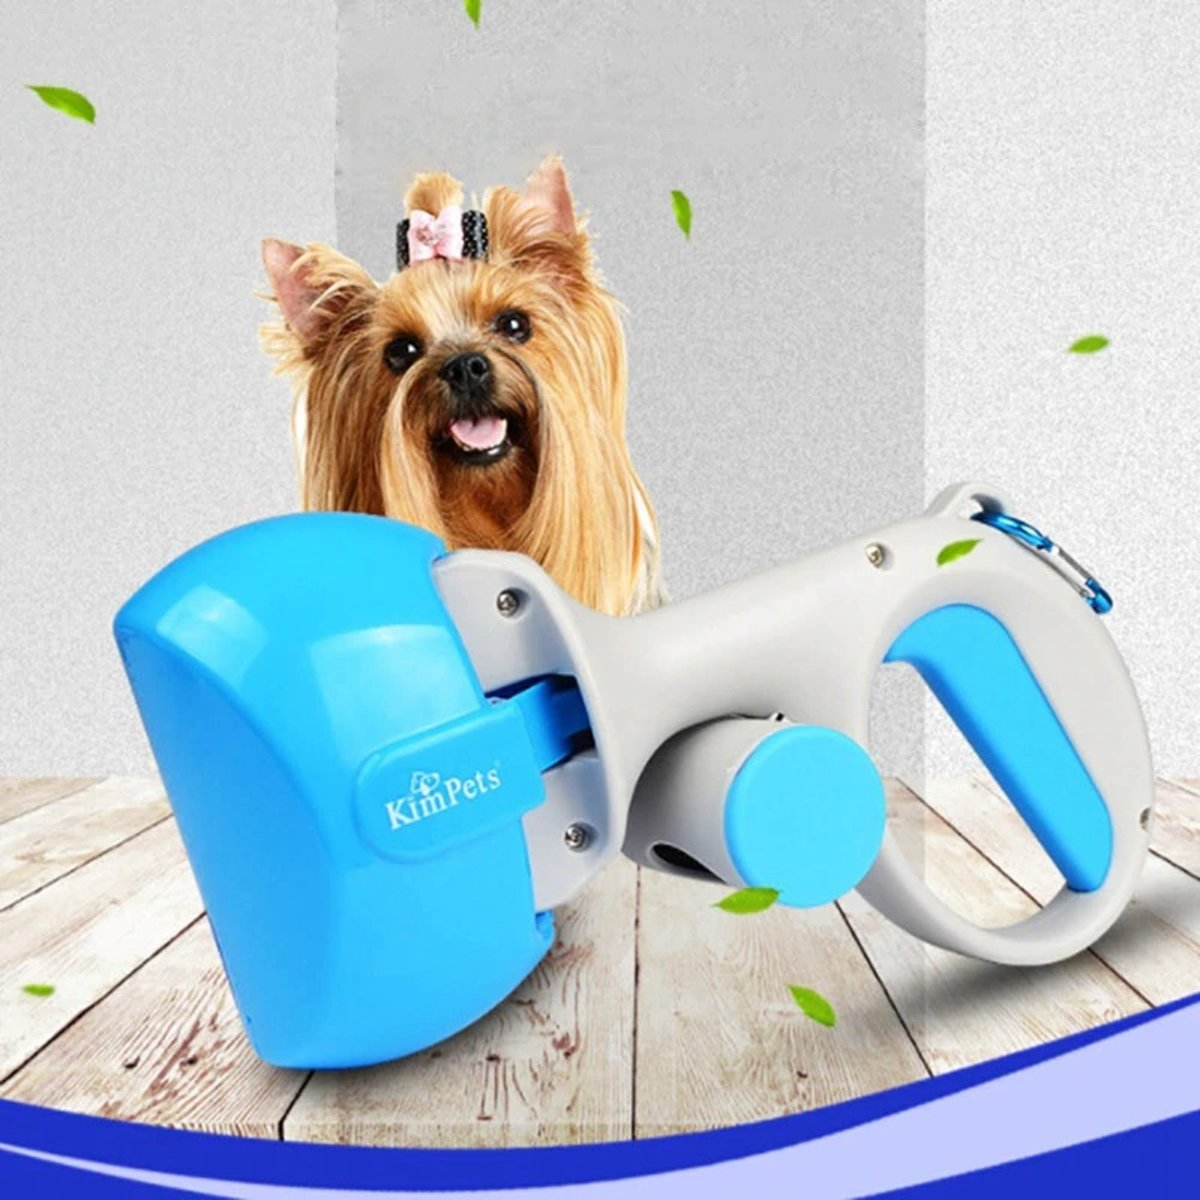 luxe Hondenpoepschep inclusief hondenpoepzakjes houder en 1x hondenpoep zakjes kopen